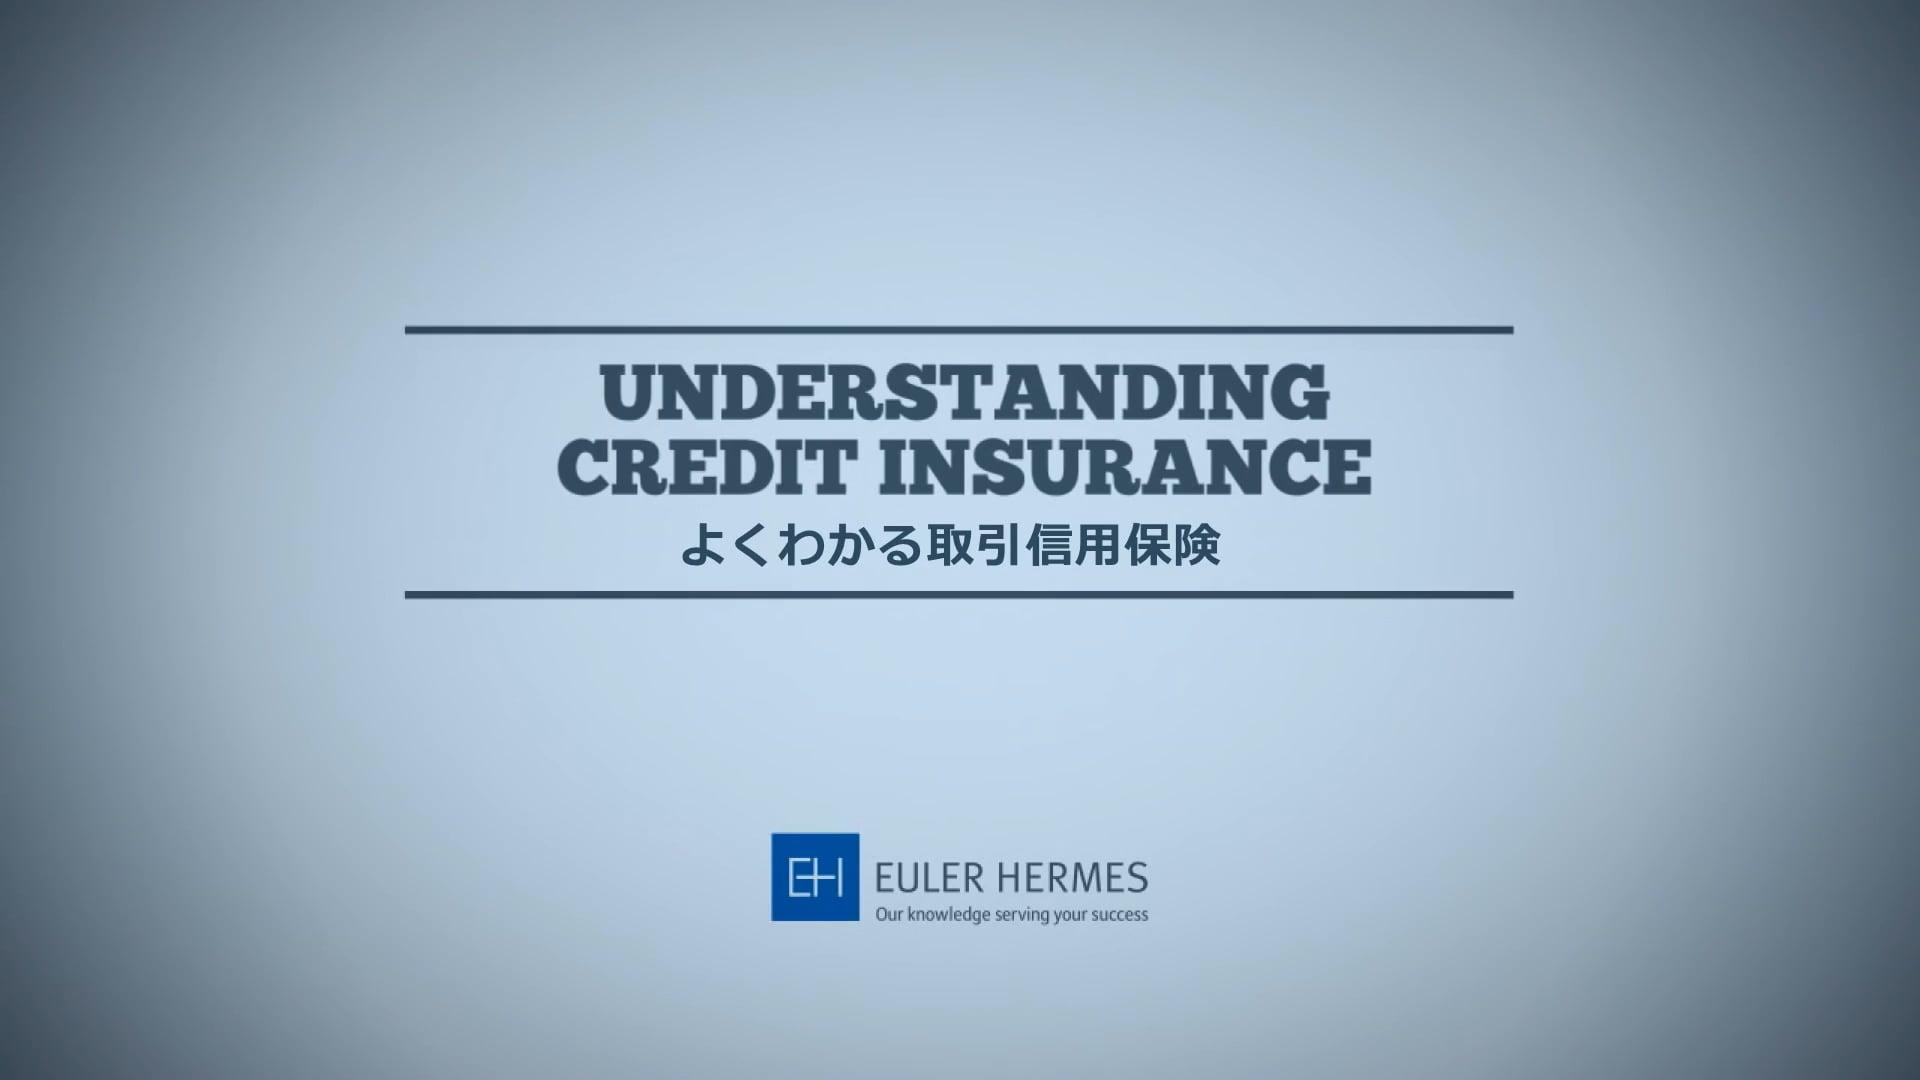 企業保険会社説明動画